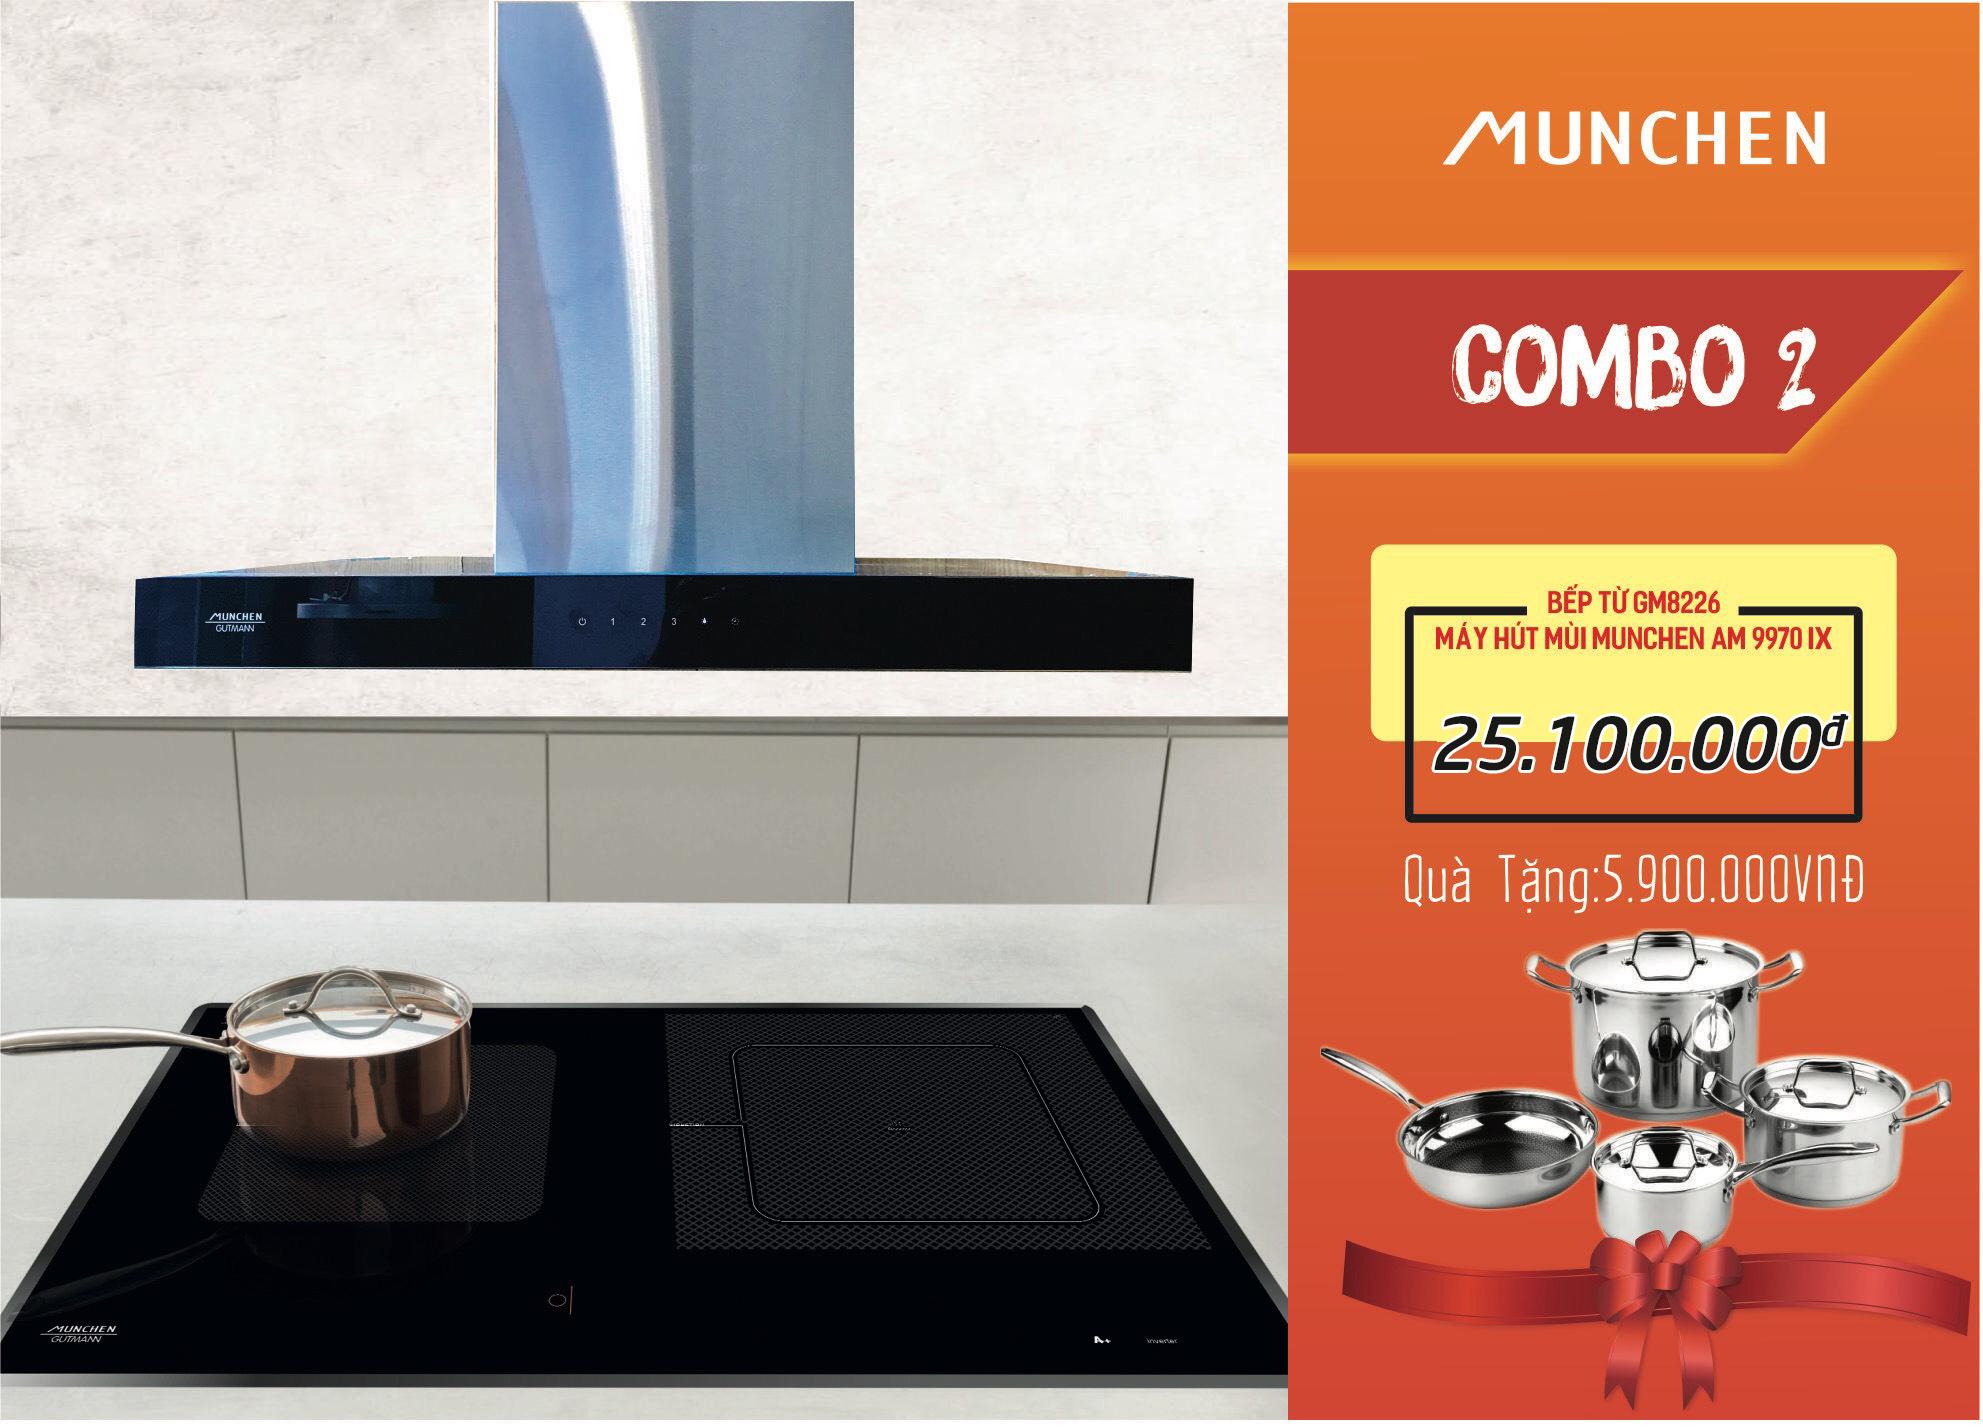 Bếp từ Munchen GM 8226 và tổngquà tặng trị giá 15 triệu đồng